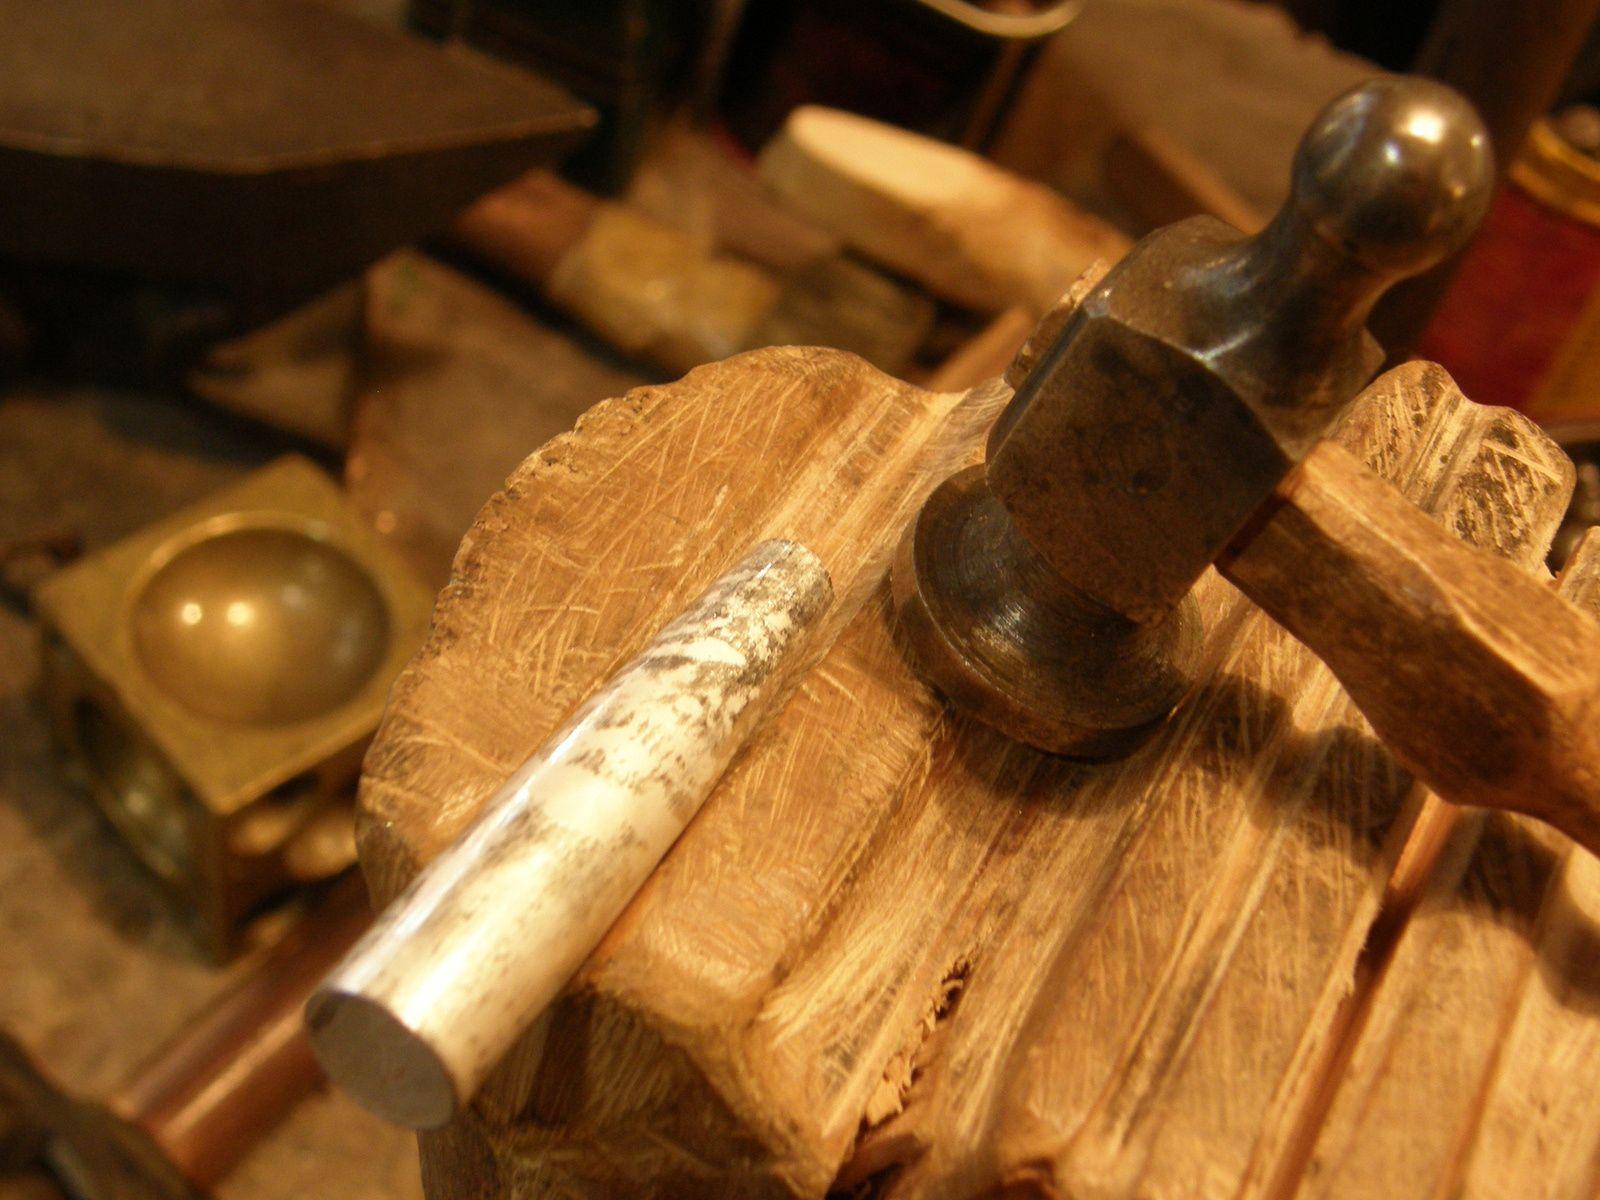 Le capuchon en finition de retreinte&#x3B; Fermeture du corps et du capuchon (l'un en convexe, l'autre en concave)&#x3B;l'agrafe decoupee avec le stylo fini de retreindre.